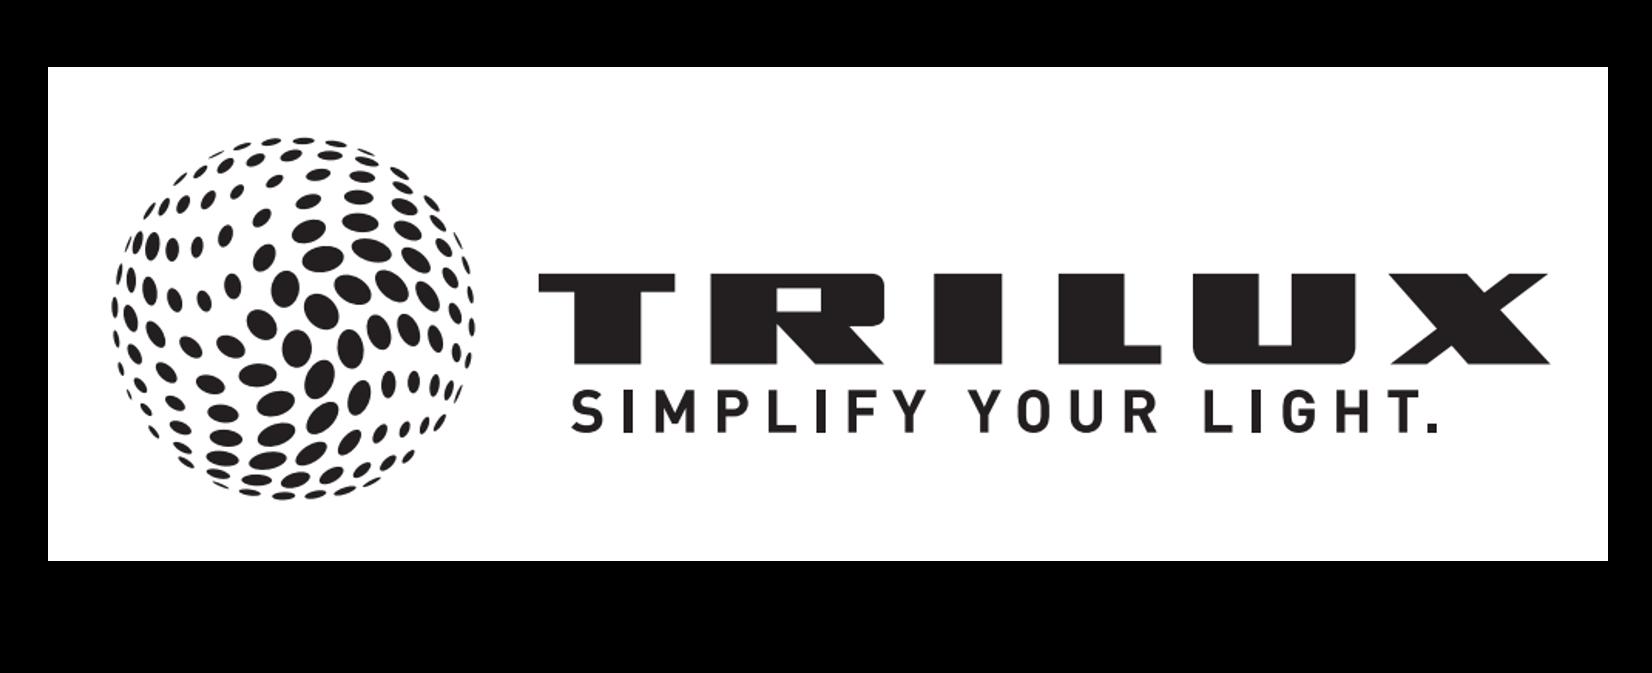 Referenz: Logo Firma Trilux